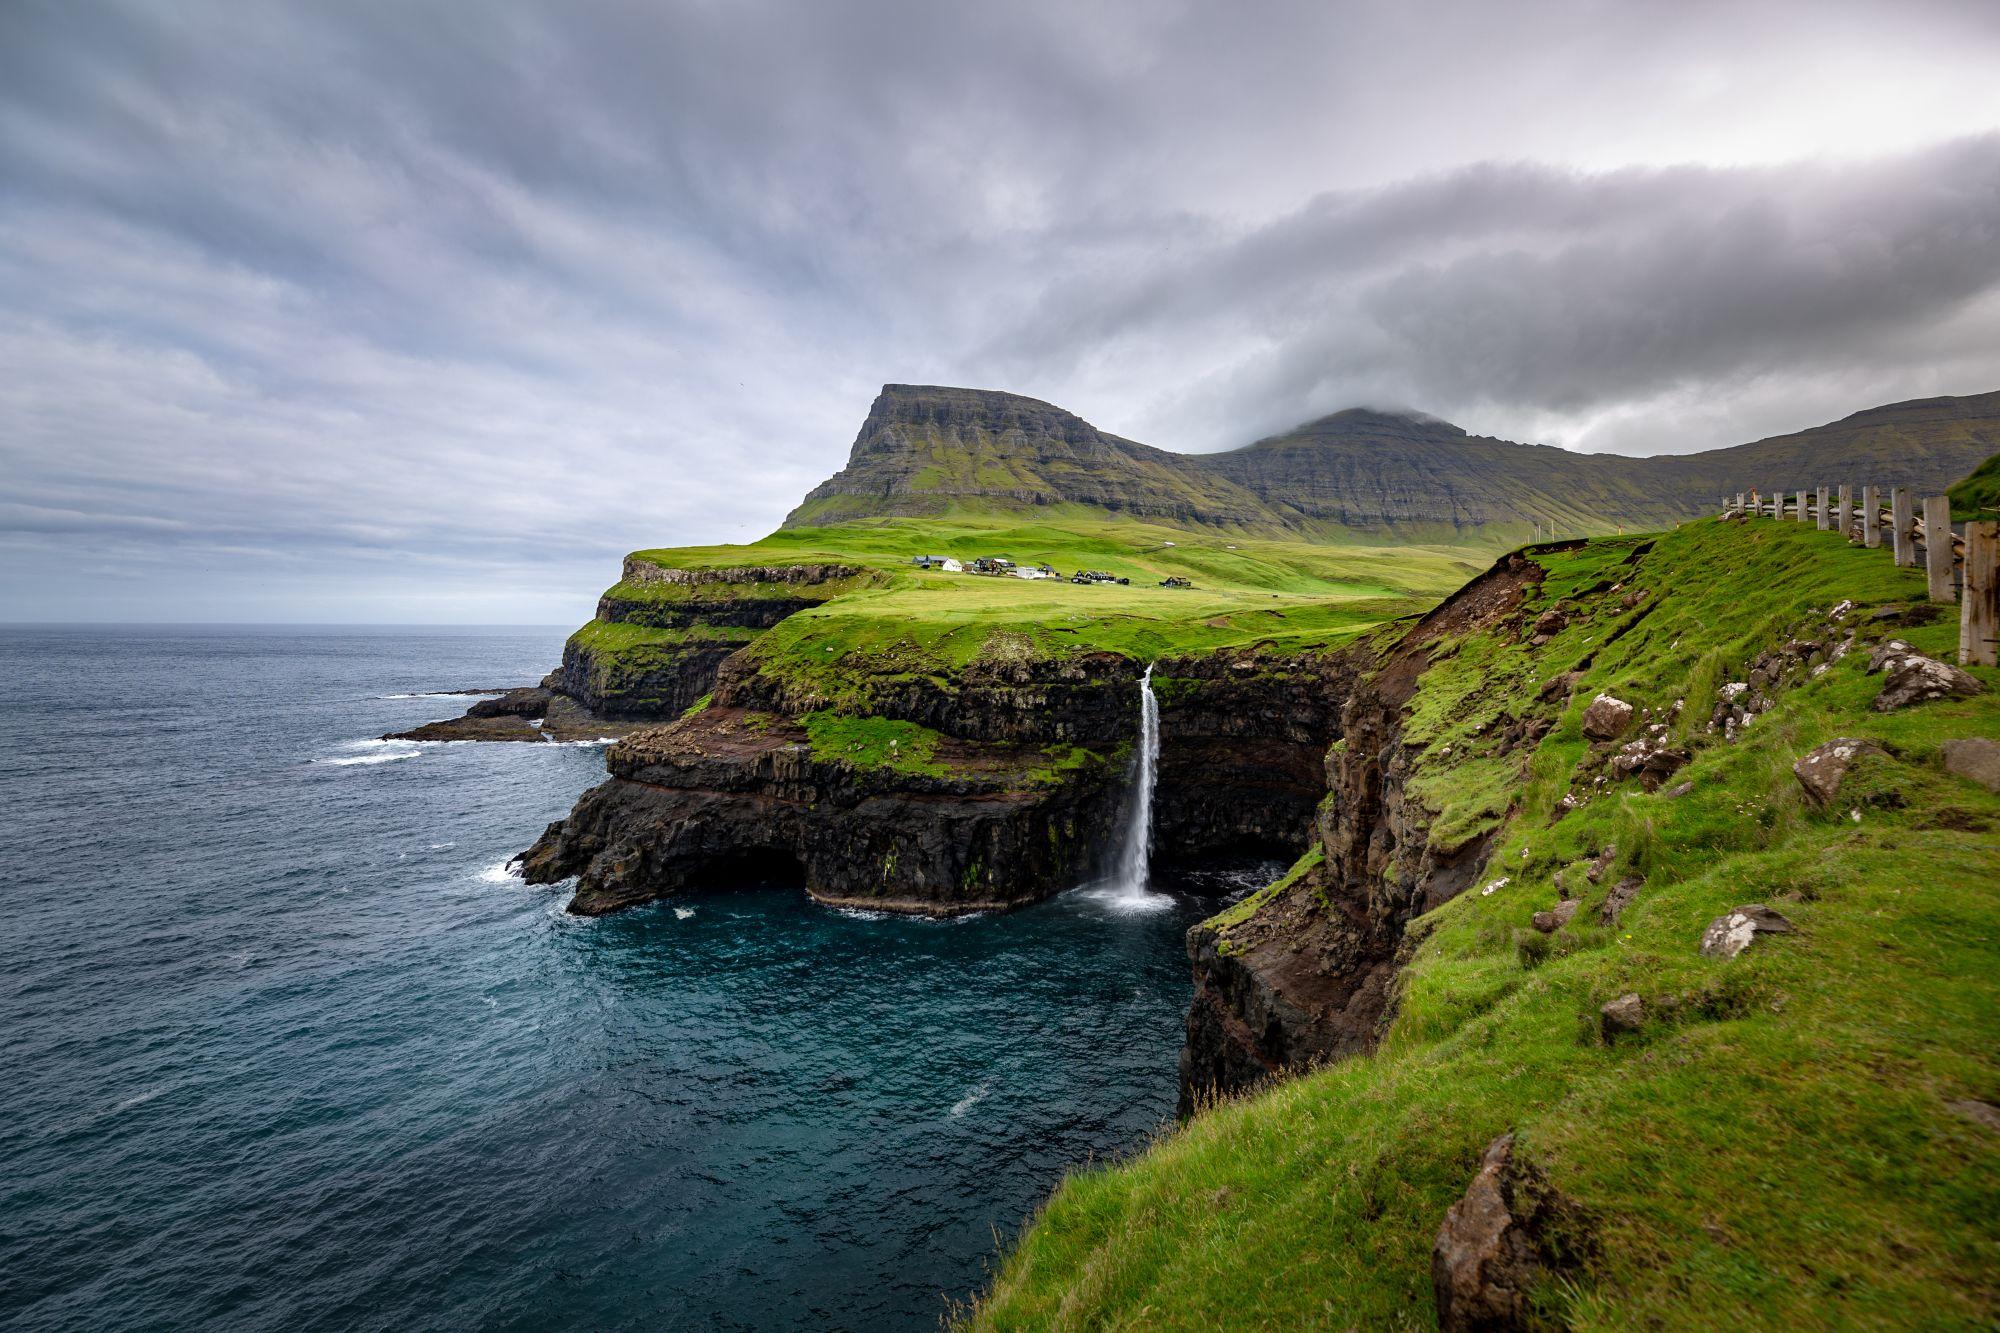 Wodospad na Wyspach Owczych